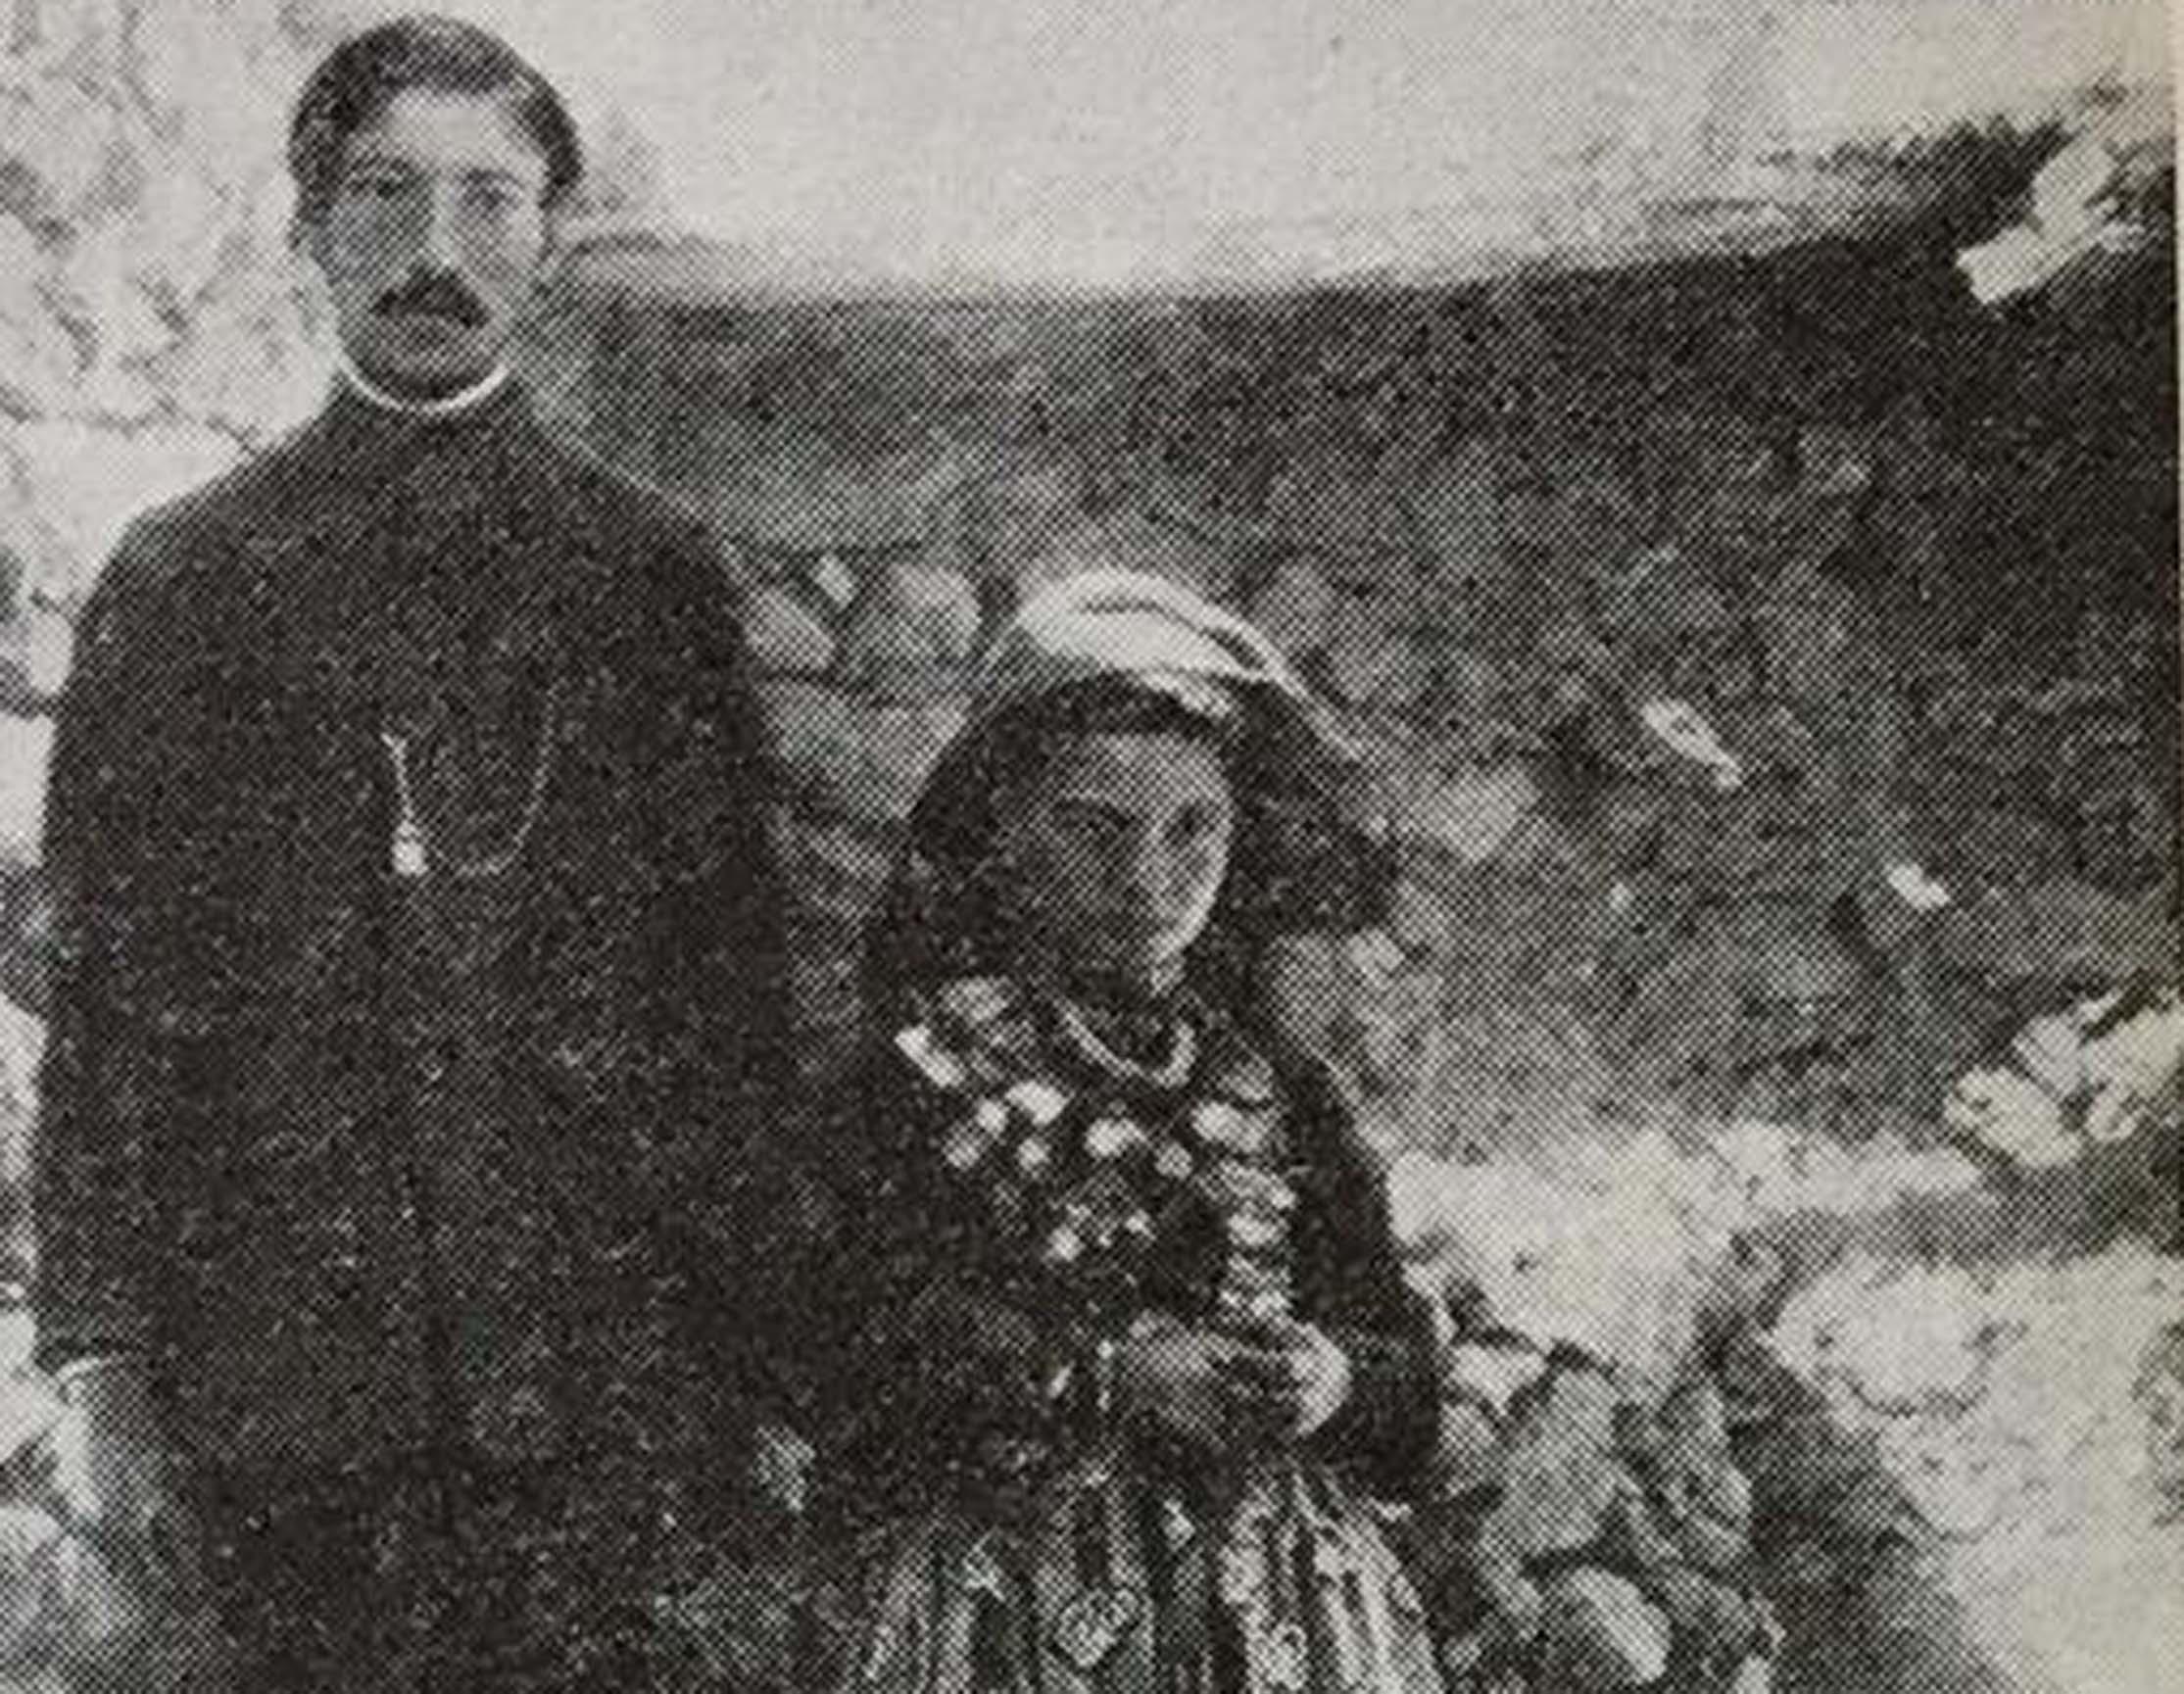 Iosef Abgarovich Orbeli'nin kitabında yayınladığı resim: Ermeni çift, damat 19, gelin 11 yaşında